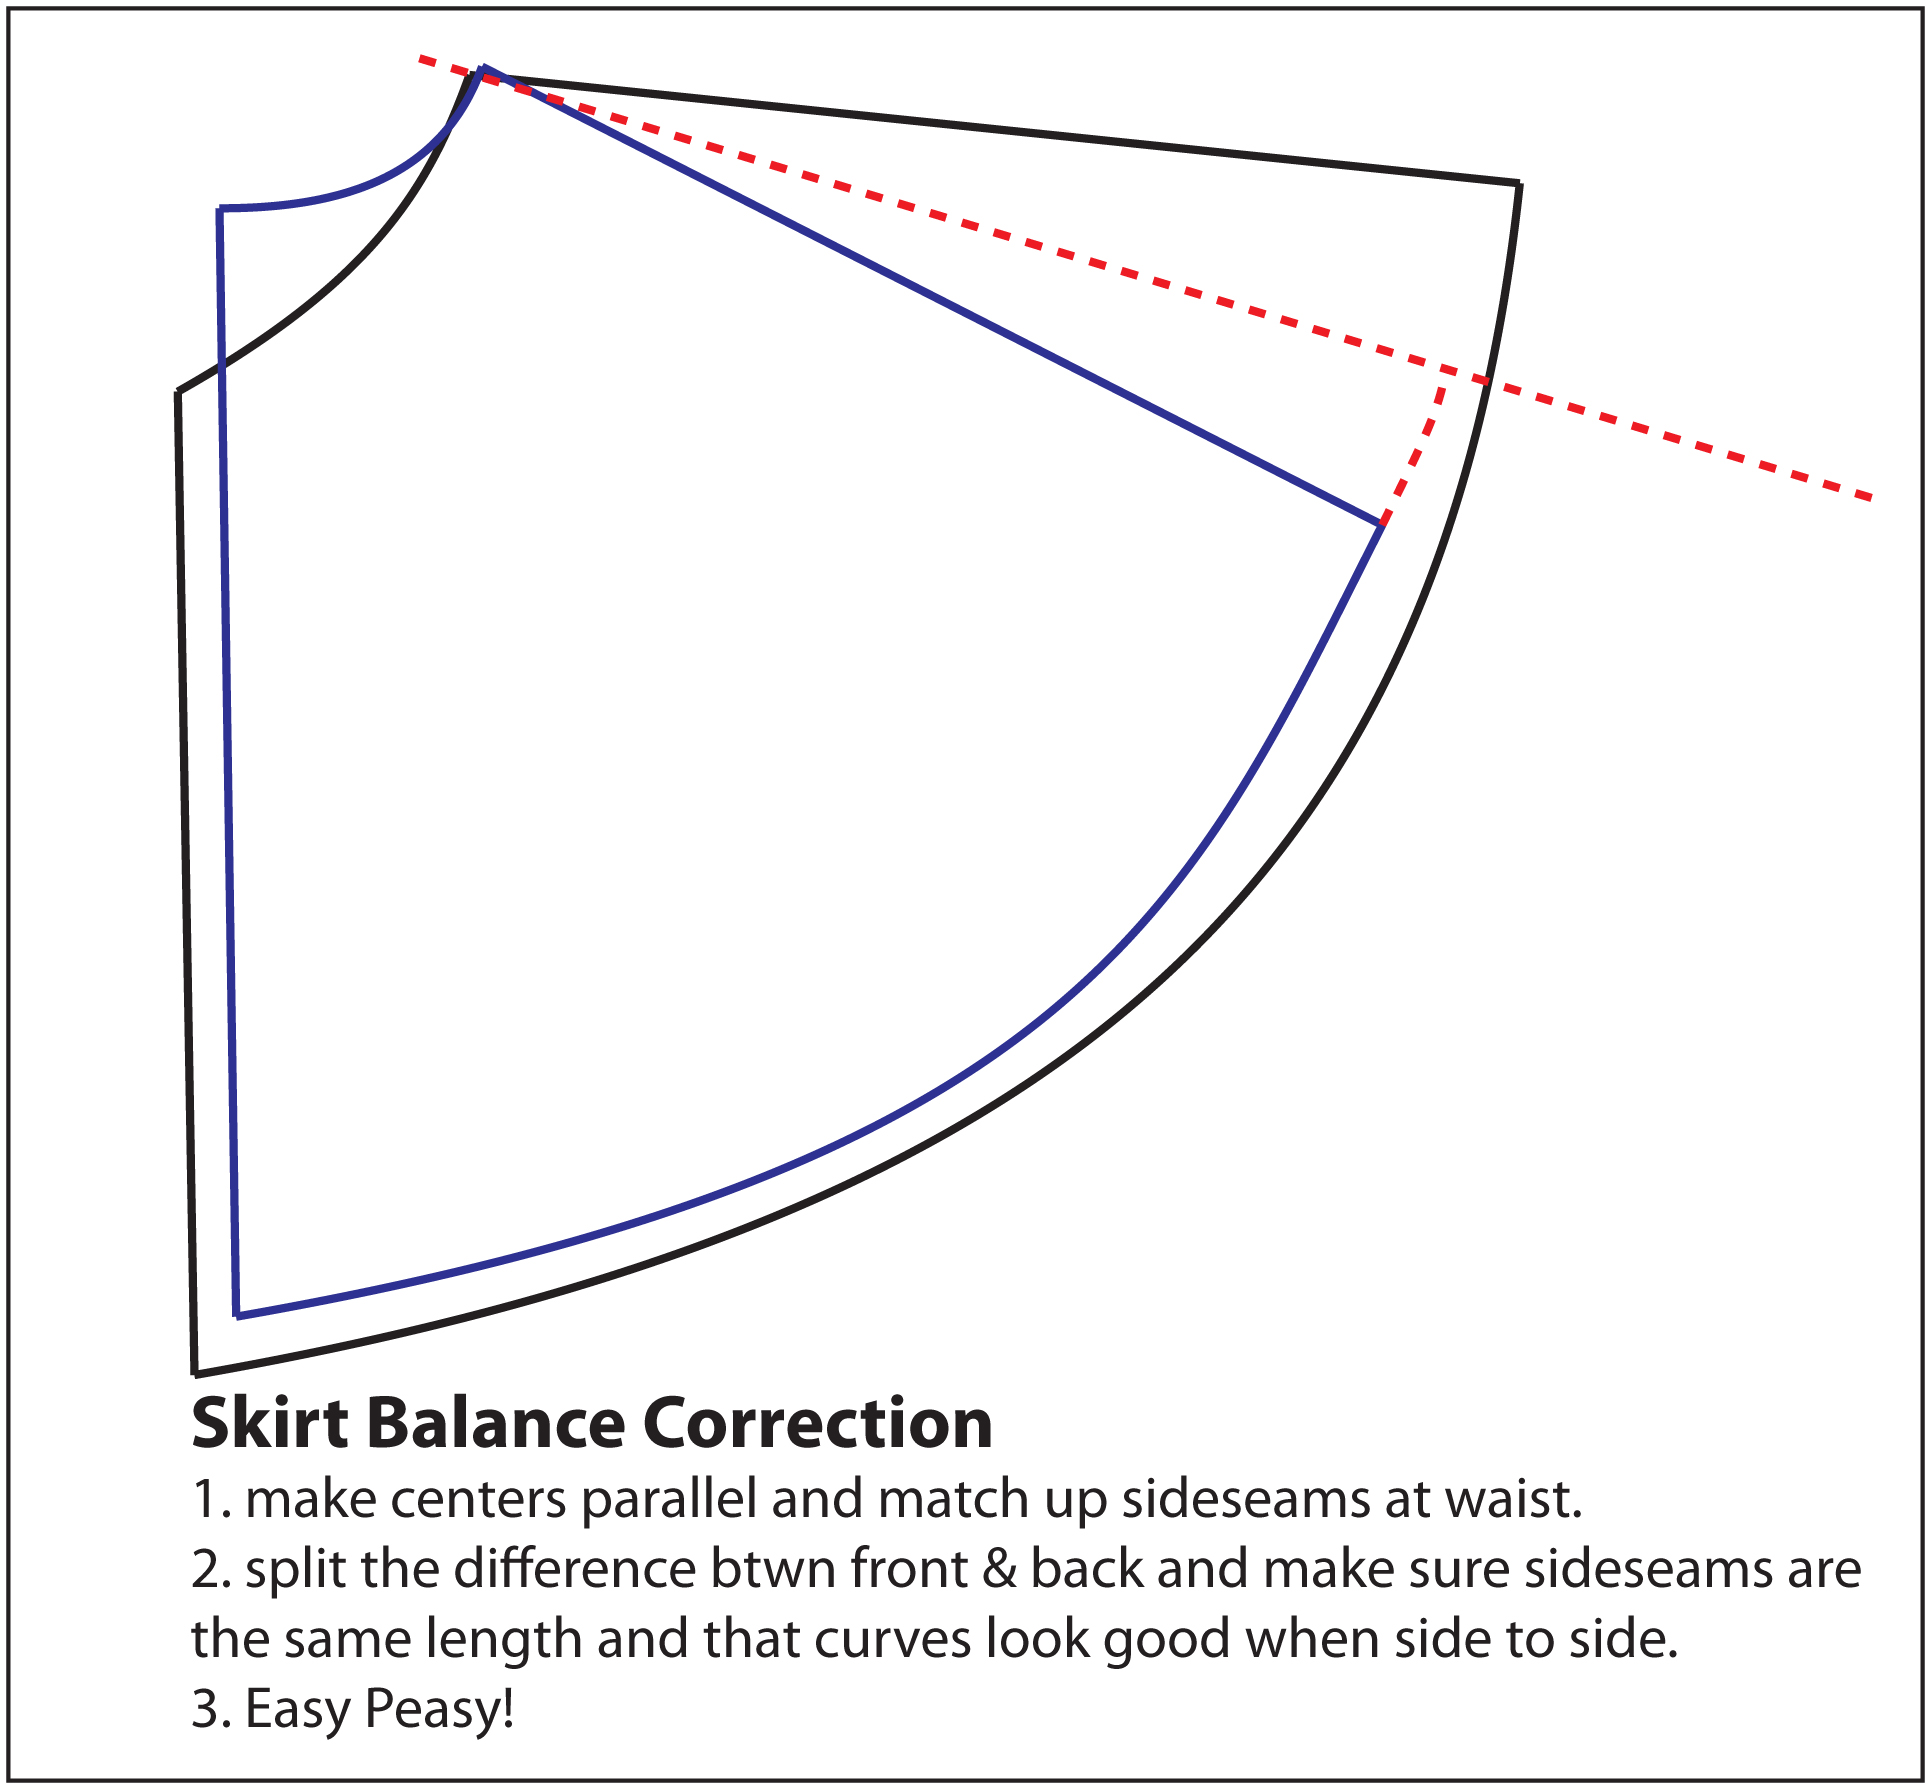 skirtbalance correction.jpg